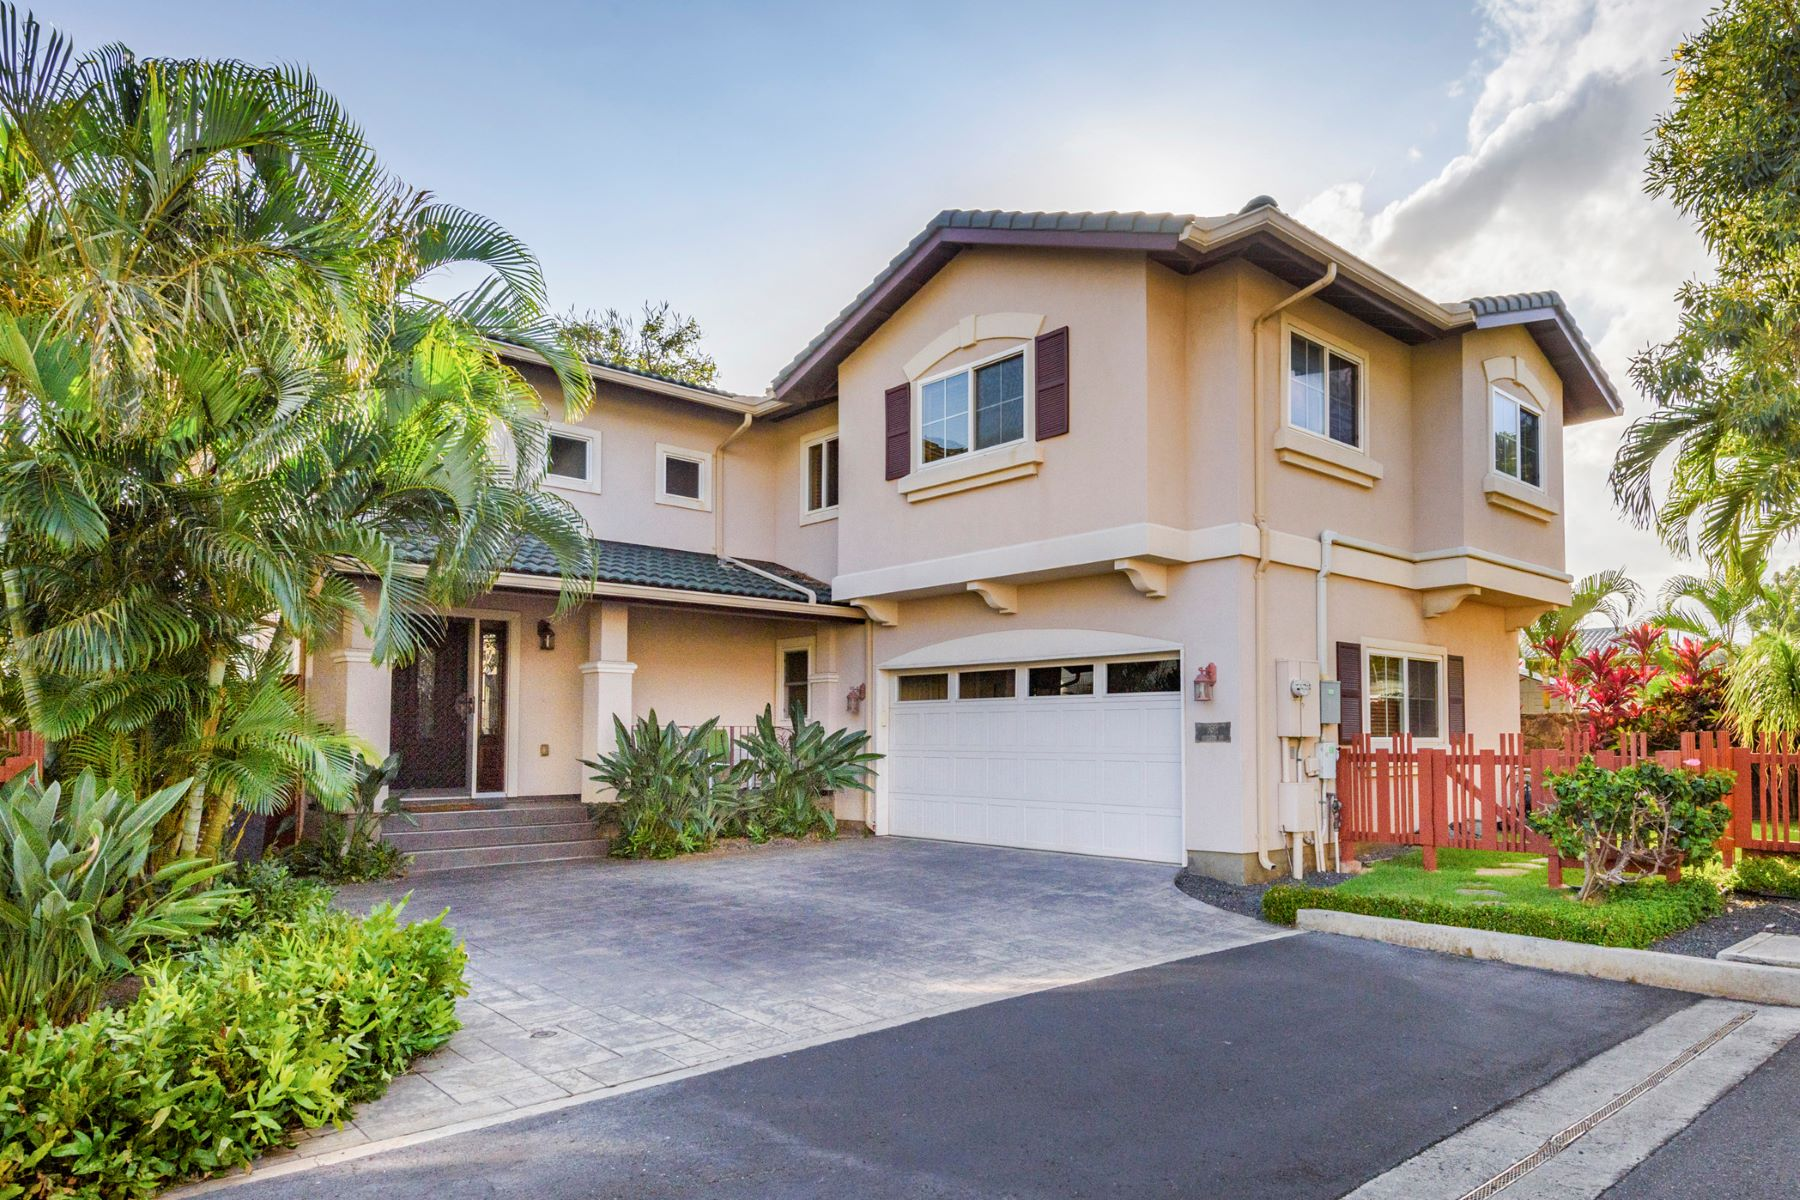 Maison unifamiliale pour l Vente à Kuhina at Kahala Executive Home 652 Hunalewa Street Honolulu, Hawaii, 96816 États-Unis